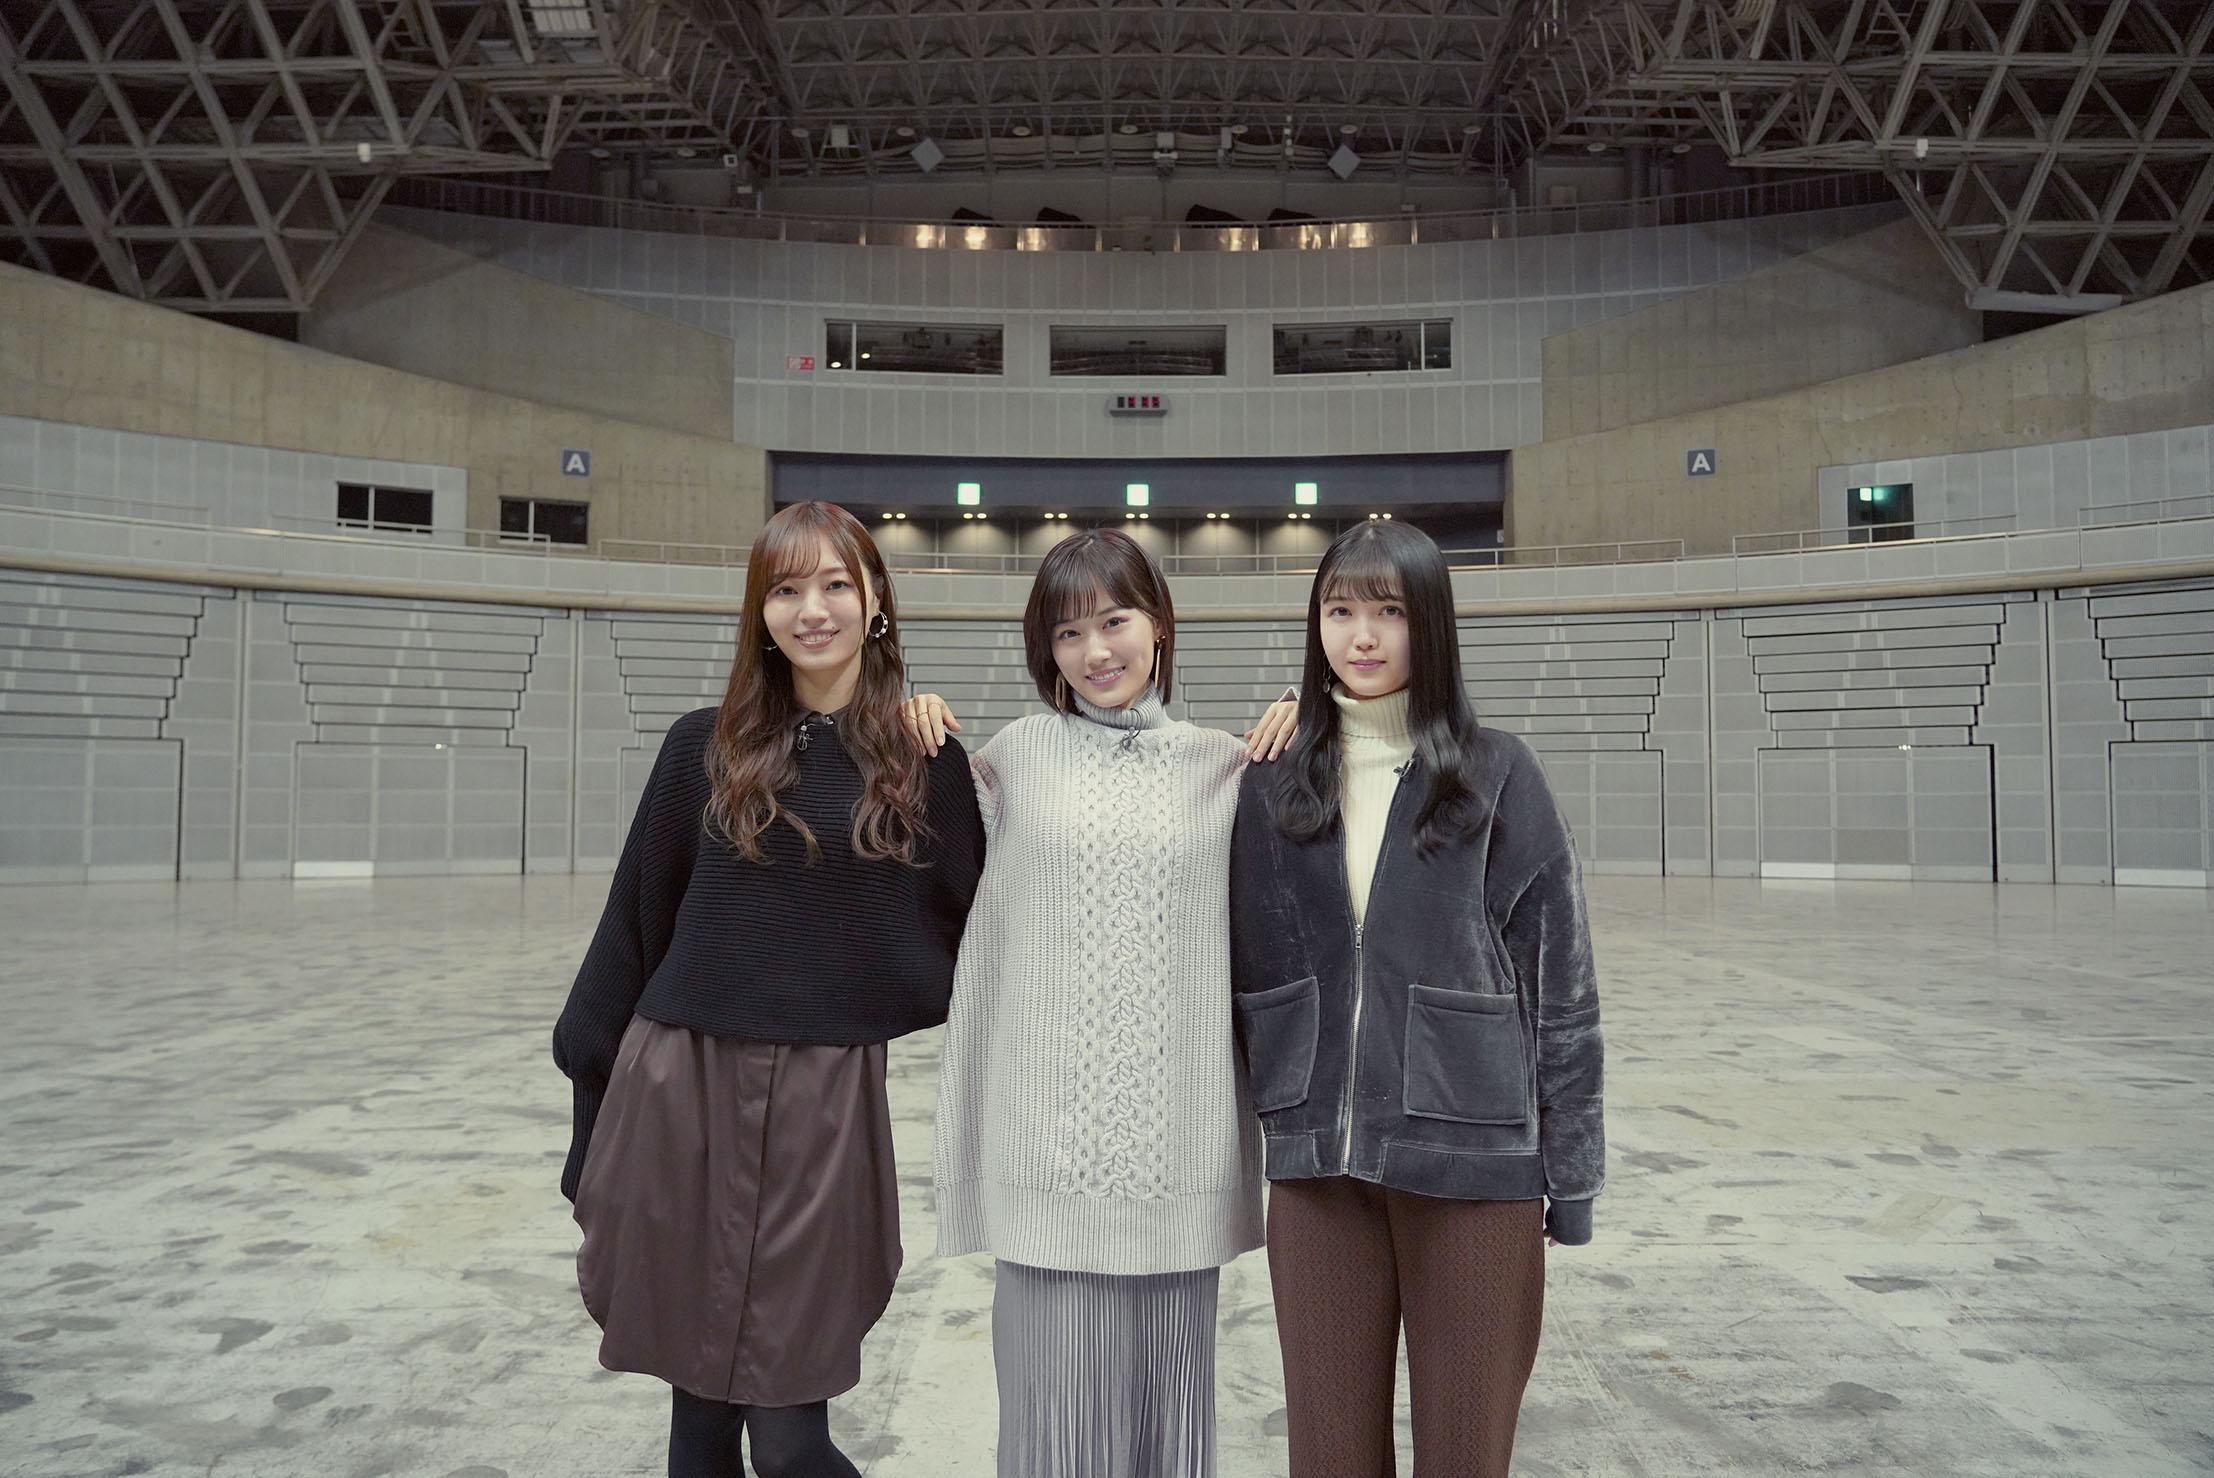 乃木坂46梅澤美波・久保史緒里・山下美月、それぞれの素顔に迫るドキュメンタリーが配信